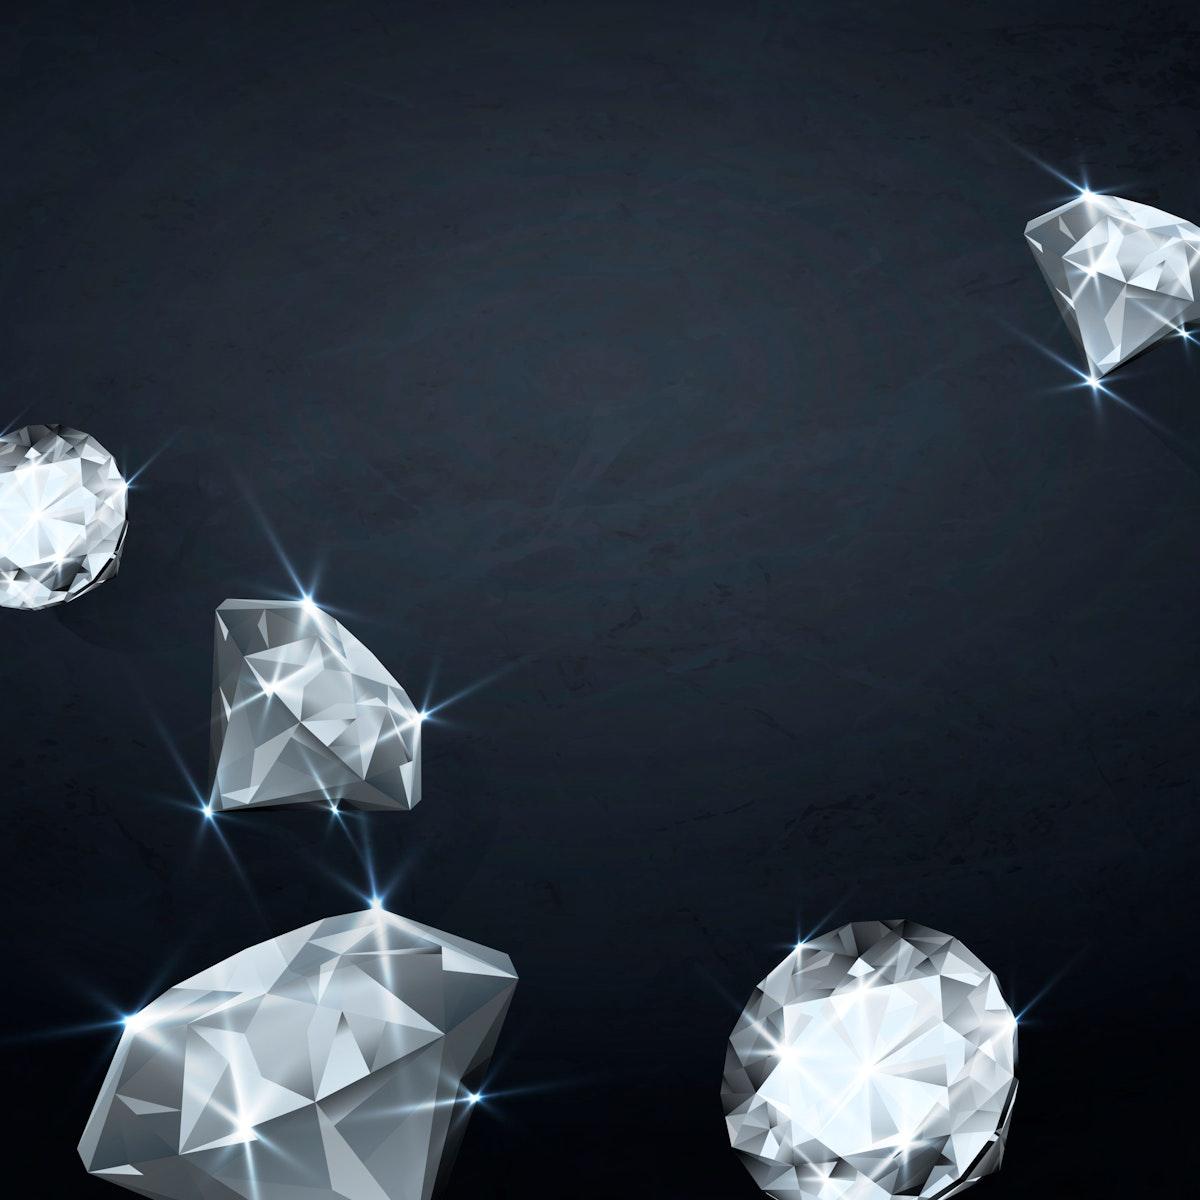 Clear crystal diamond design vector